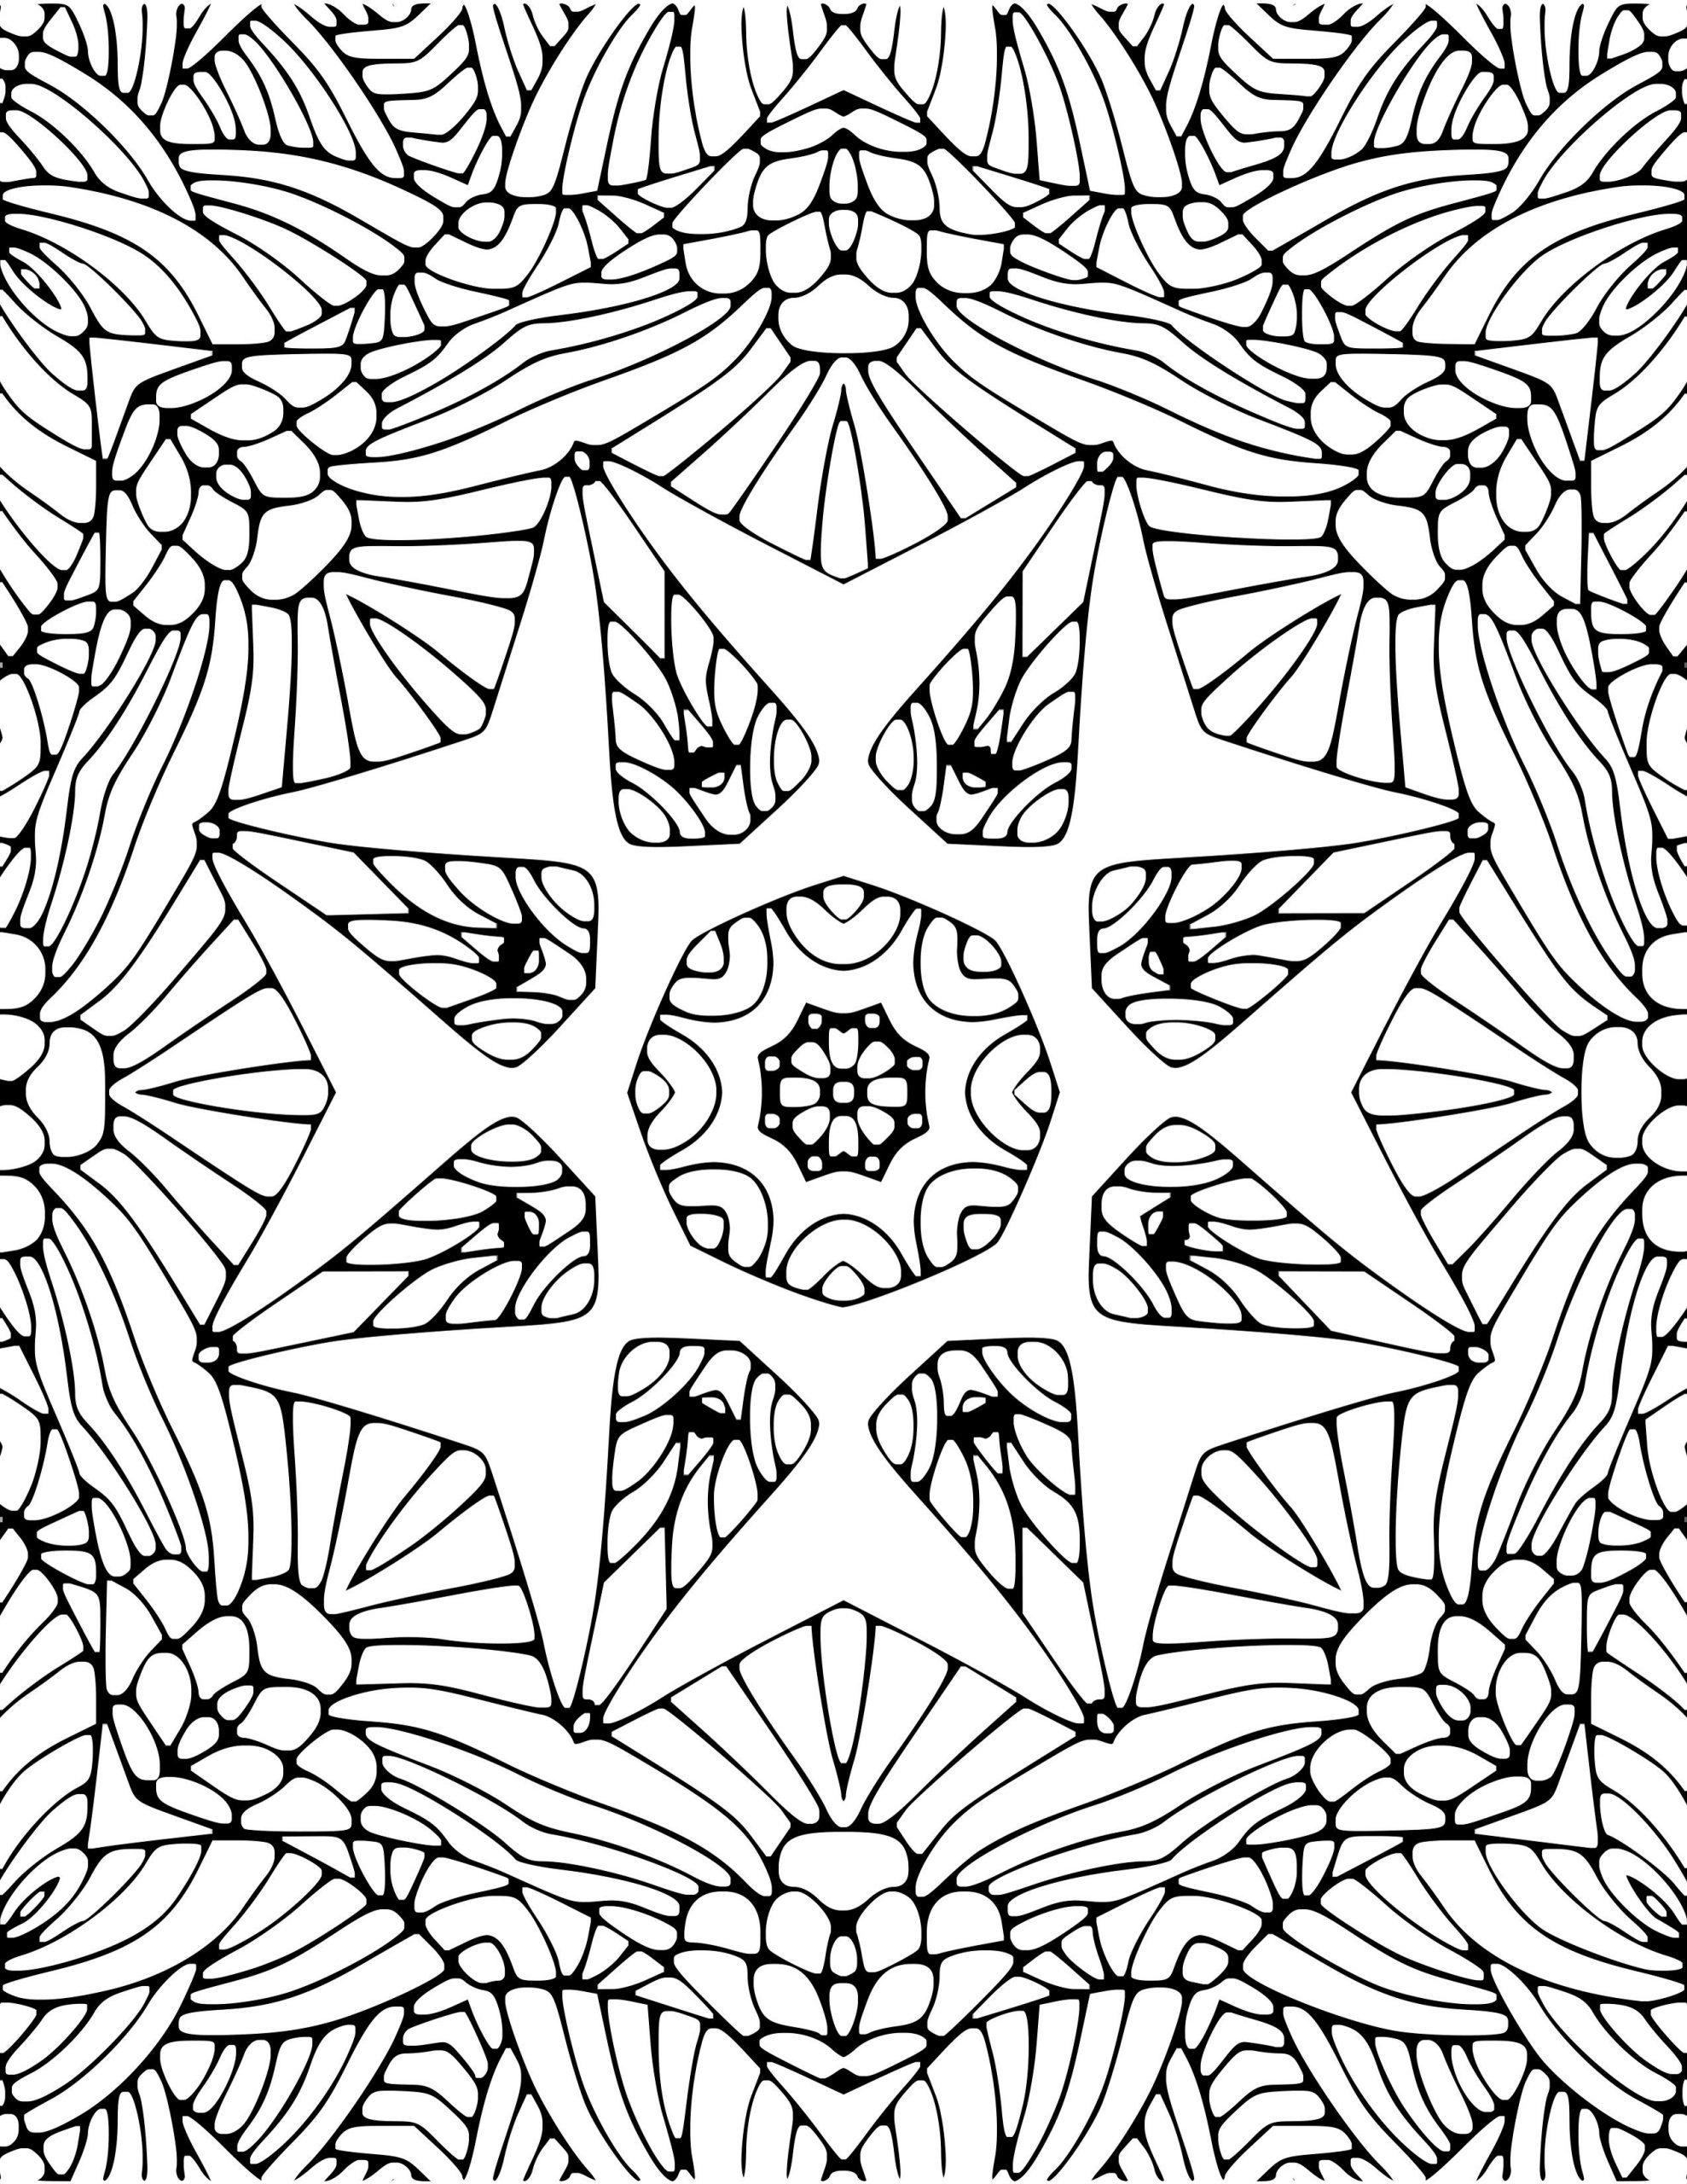 Mandala Ausmalen Für Erwachsene - Ausmalbilder Kostenlos mit Mandalas Zum Ausmalen